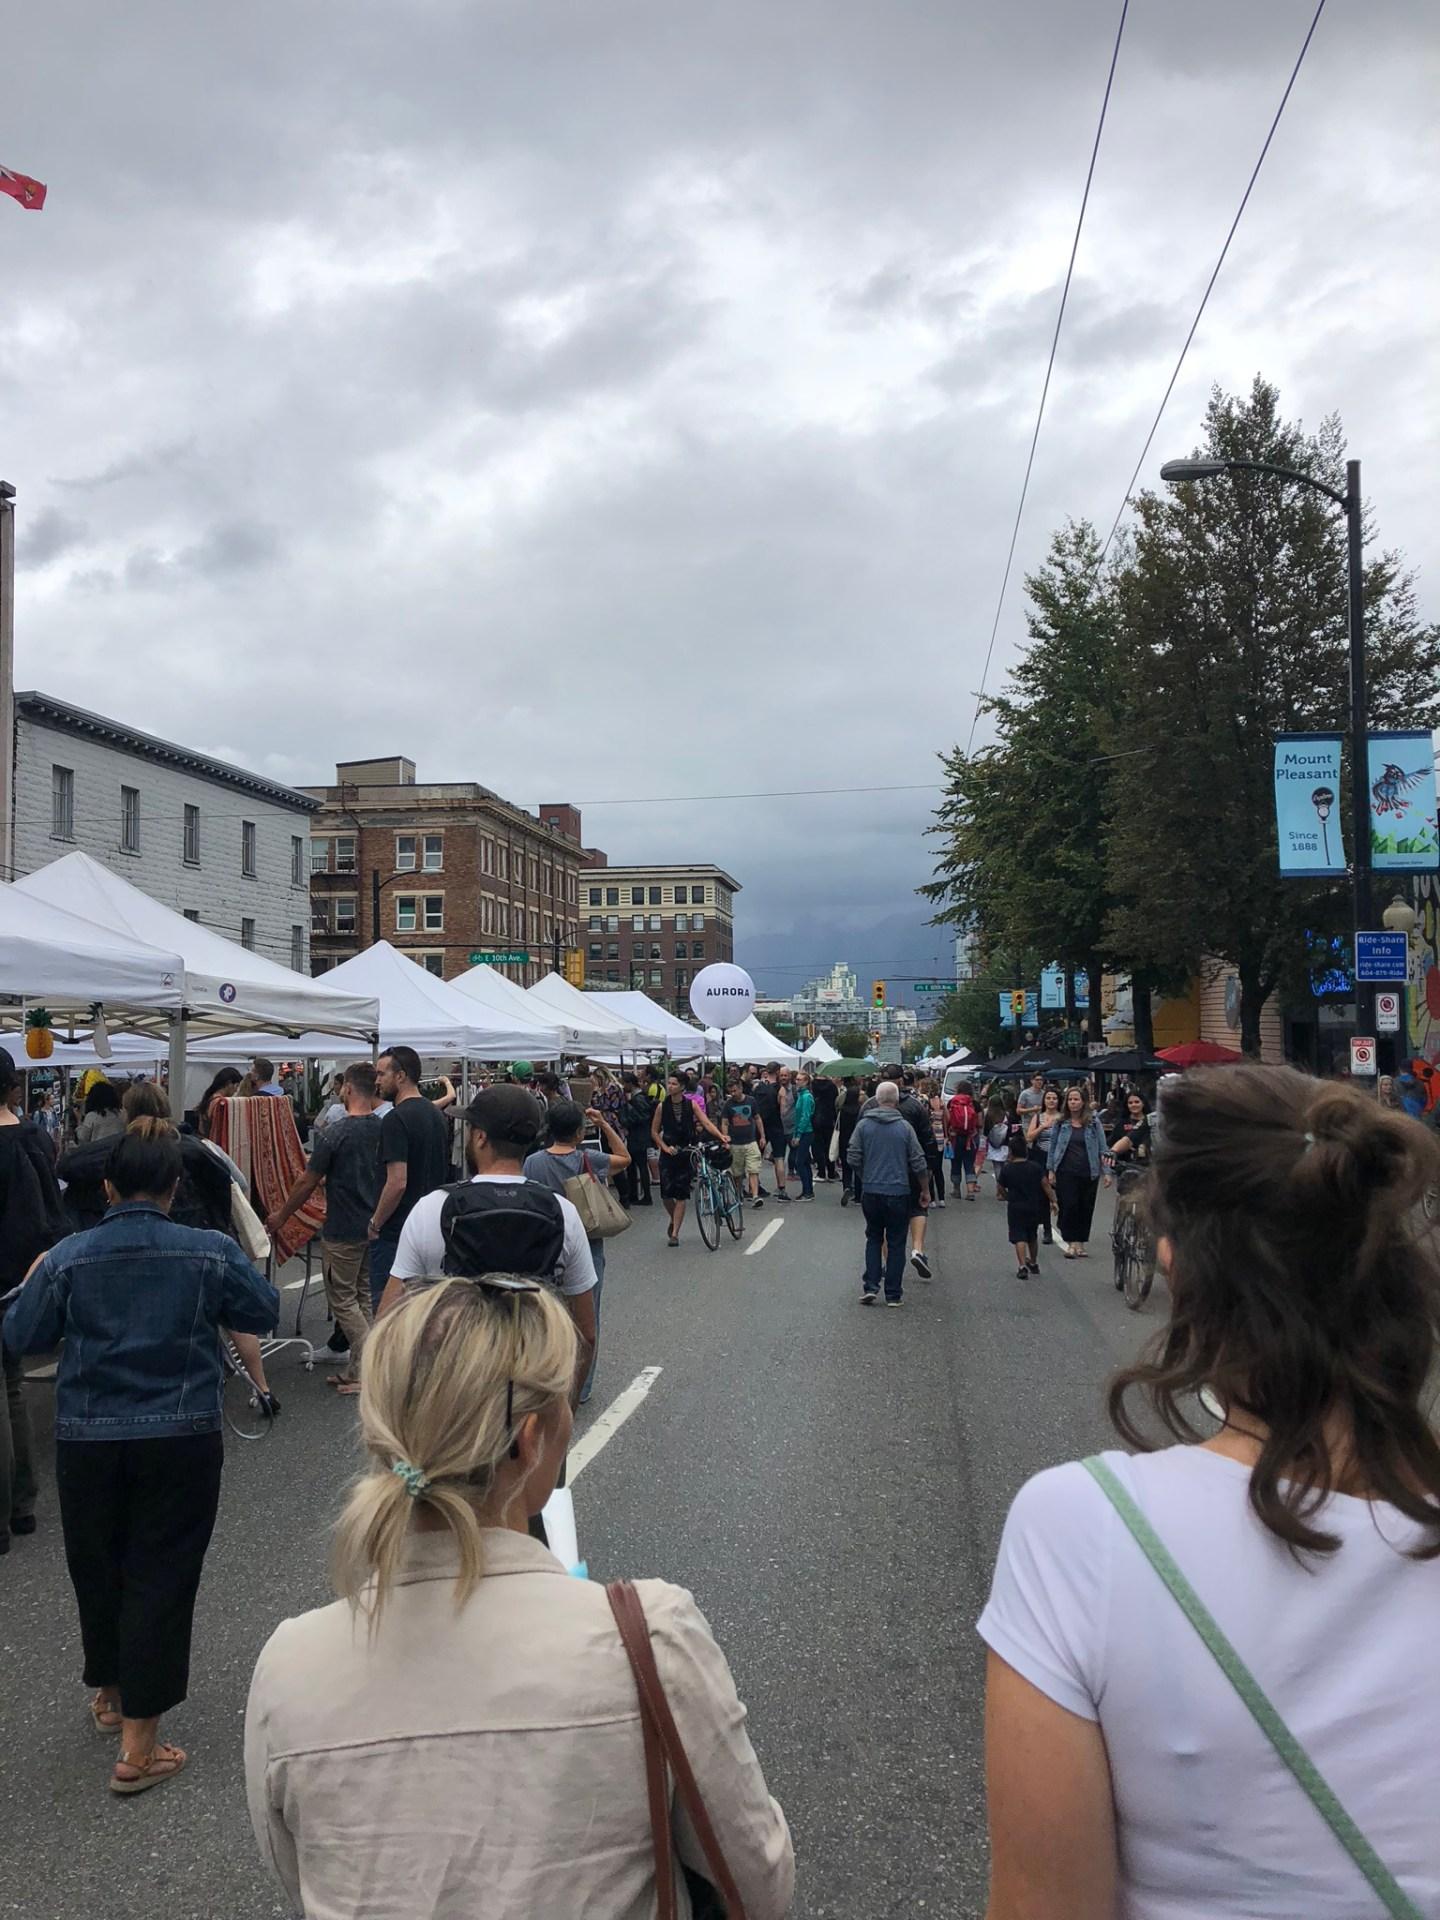 Walking along Main Street for Vancouver Mural Festival